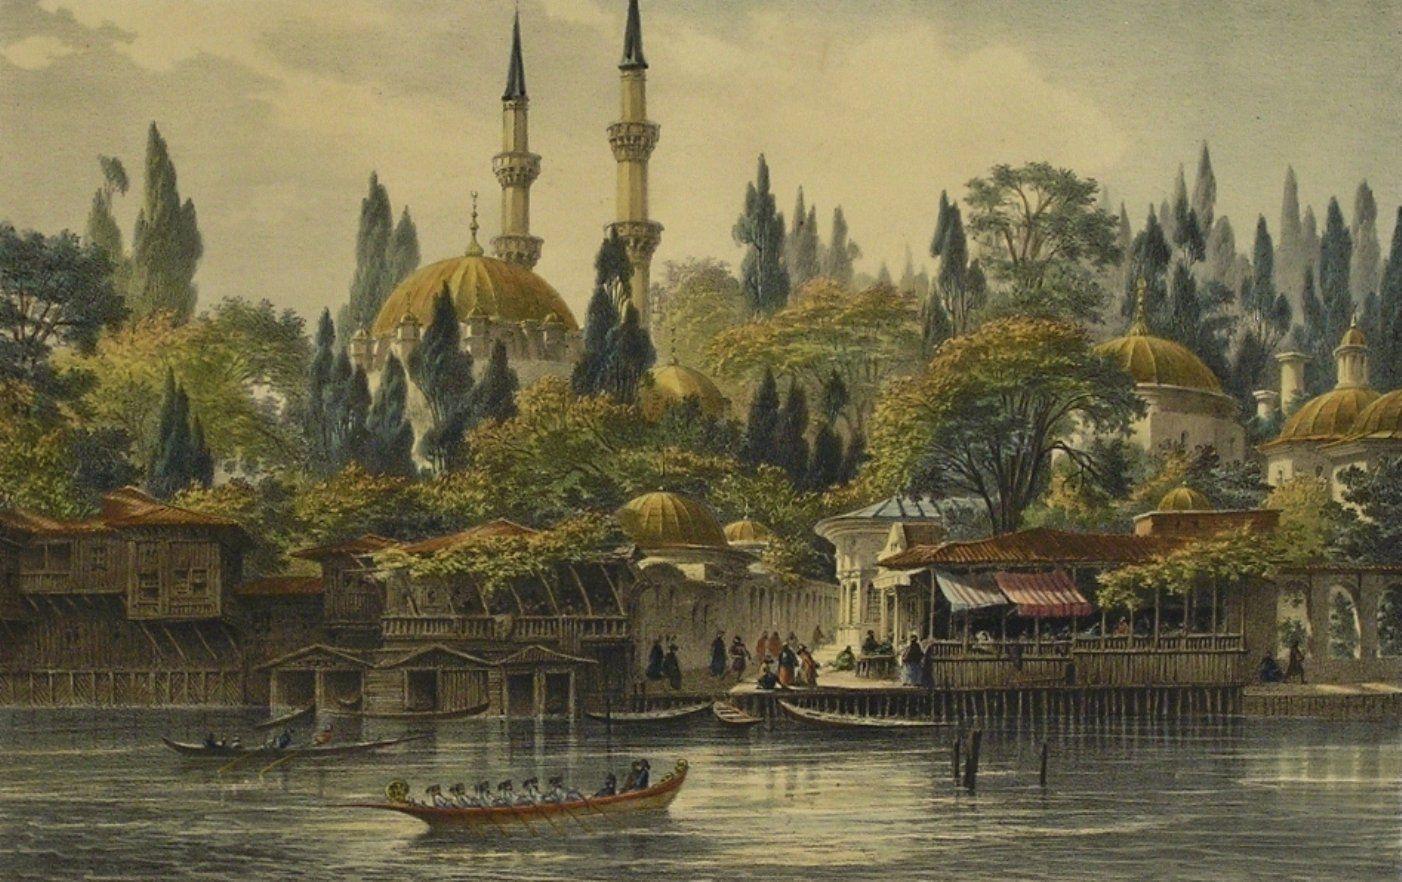 константинополь открытки 19 века вітання пасхою